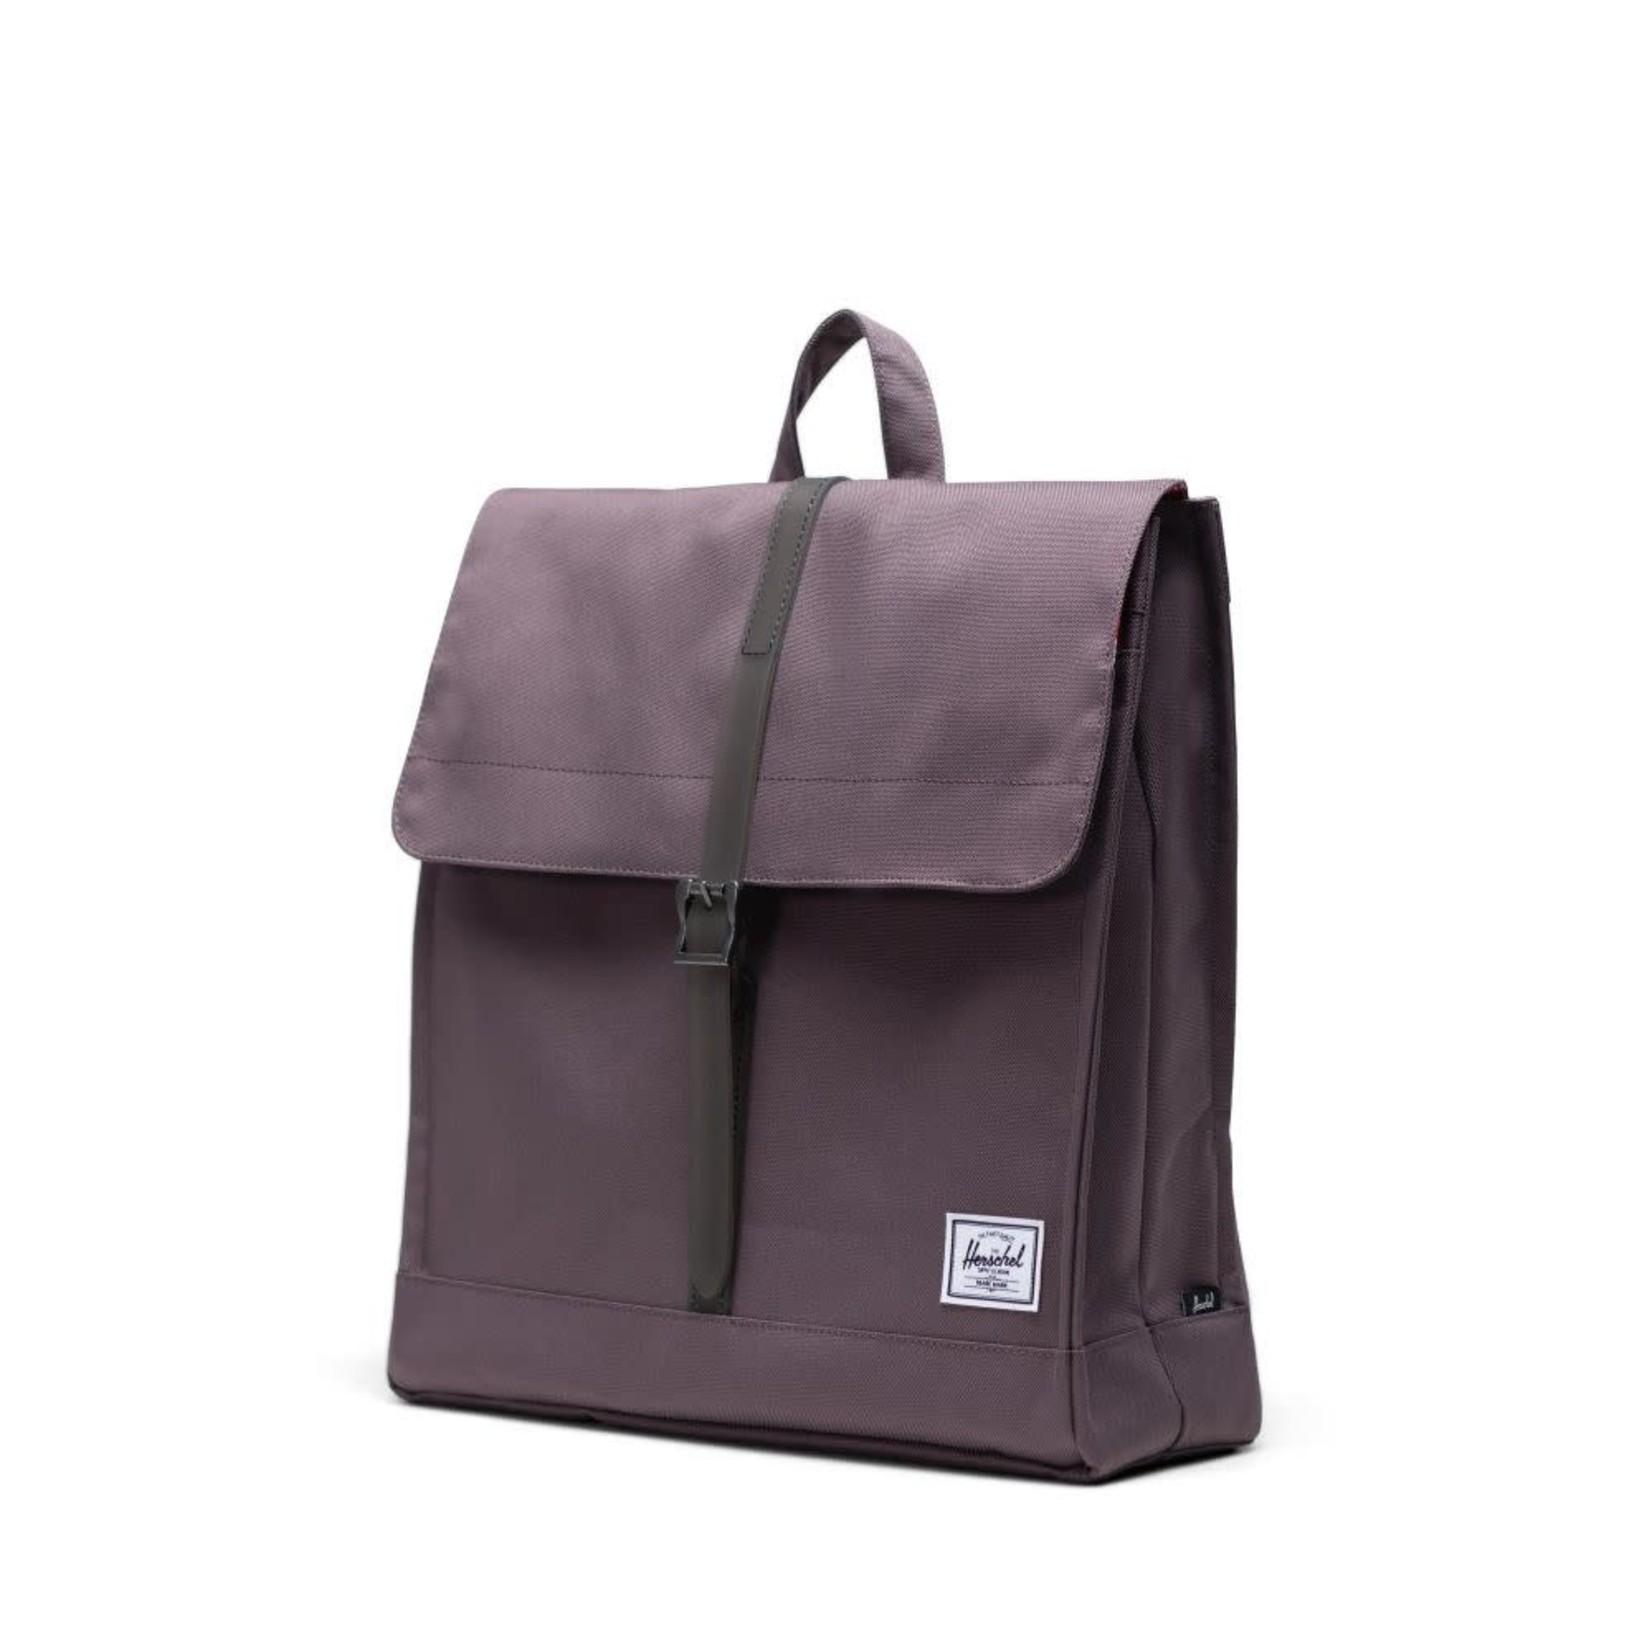 Herschel Supply Co City Mid-Volume Backpack